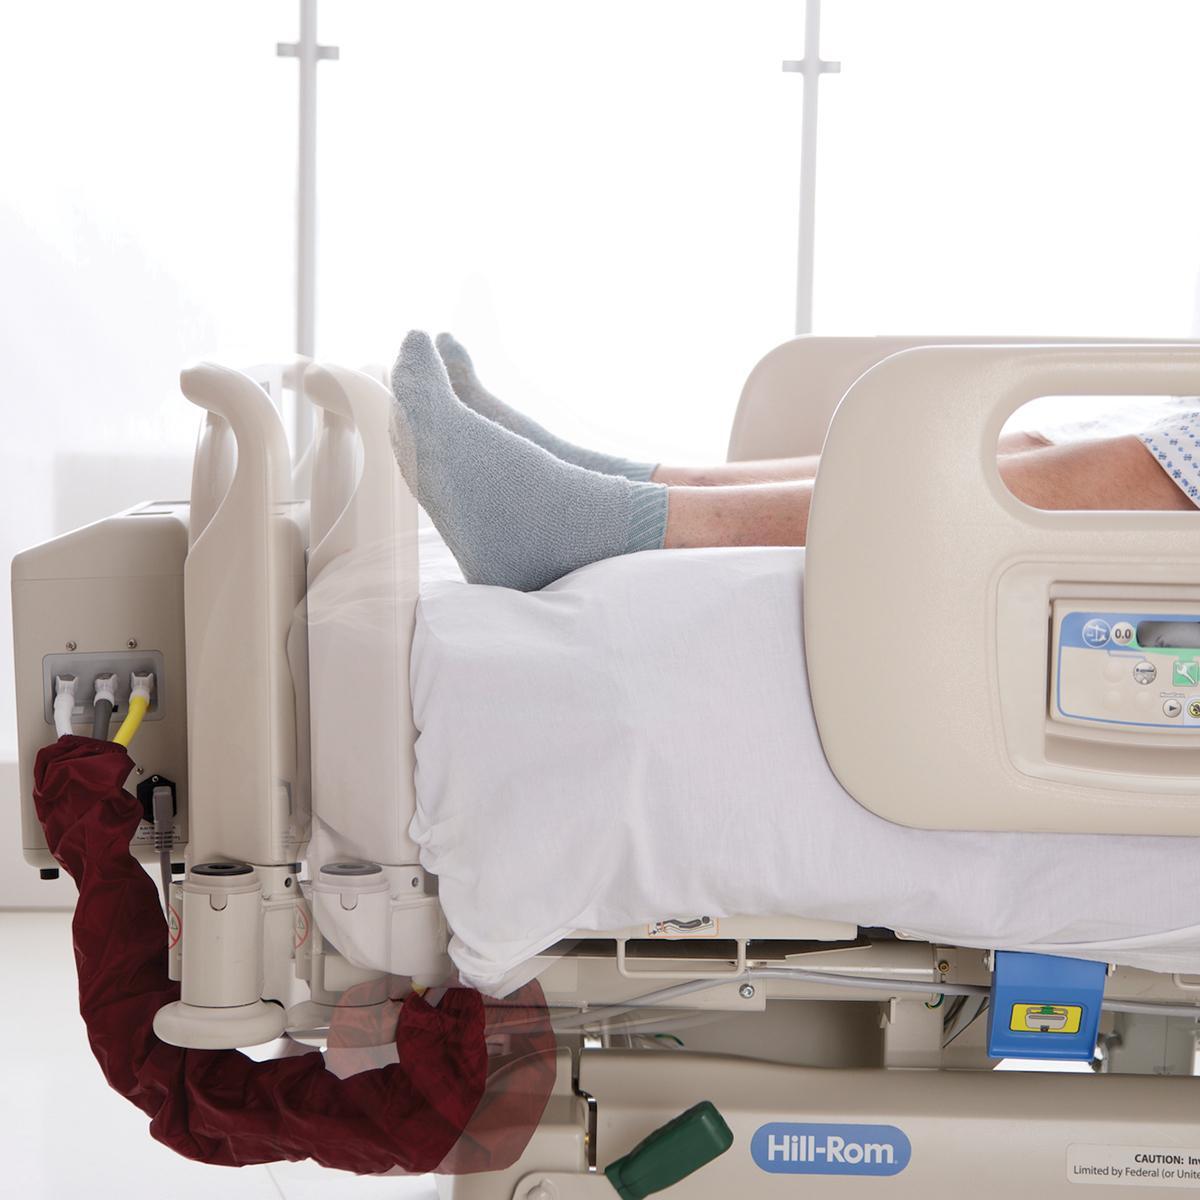 La función FlexAfoot de la cama bariátrica Compella permite que el pie de la cama pueda trasladarse rápidamente hacia afuera para acomodar cómodamente a pacientes más altos.